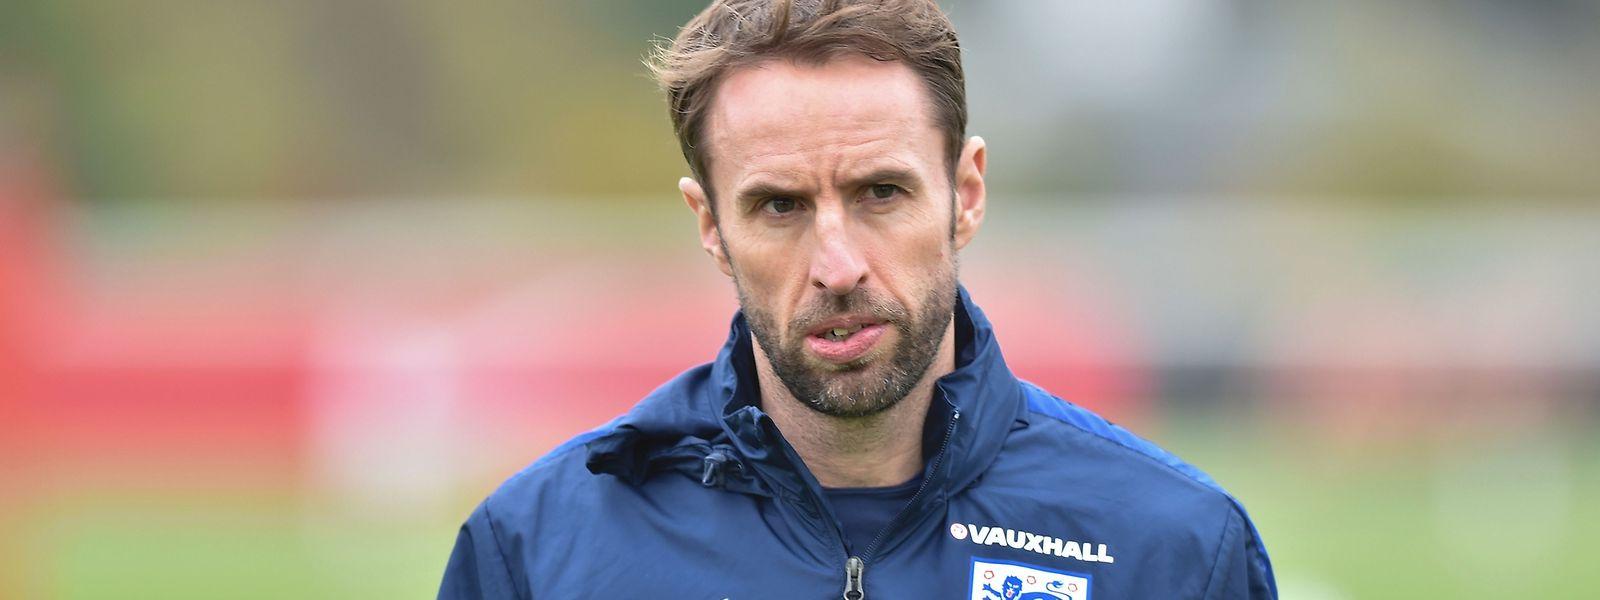 Er hat den Job: Gareth Southgate wird nun auch offiziell Englands Fußballauswahl trainieren.